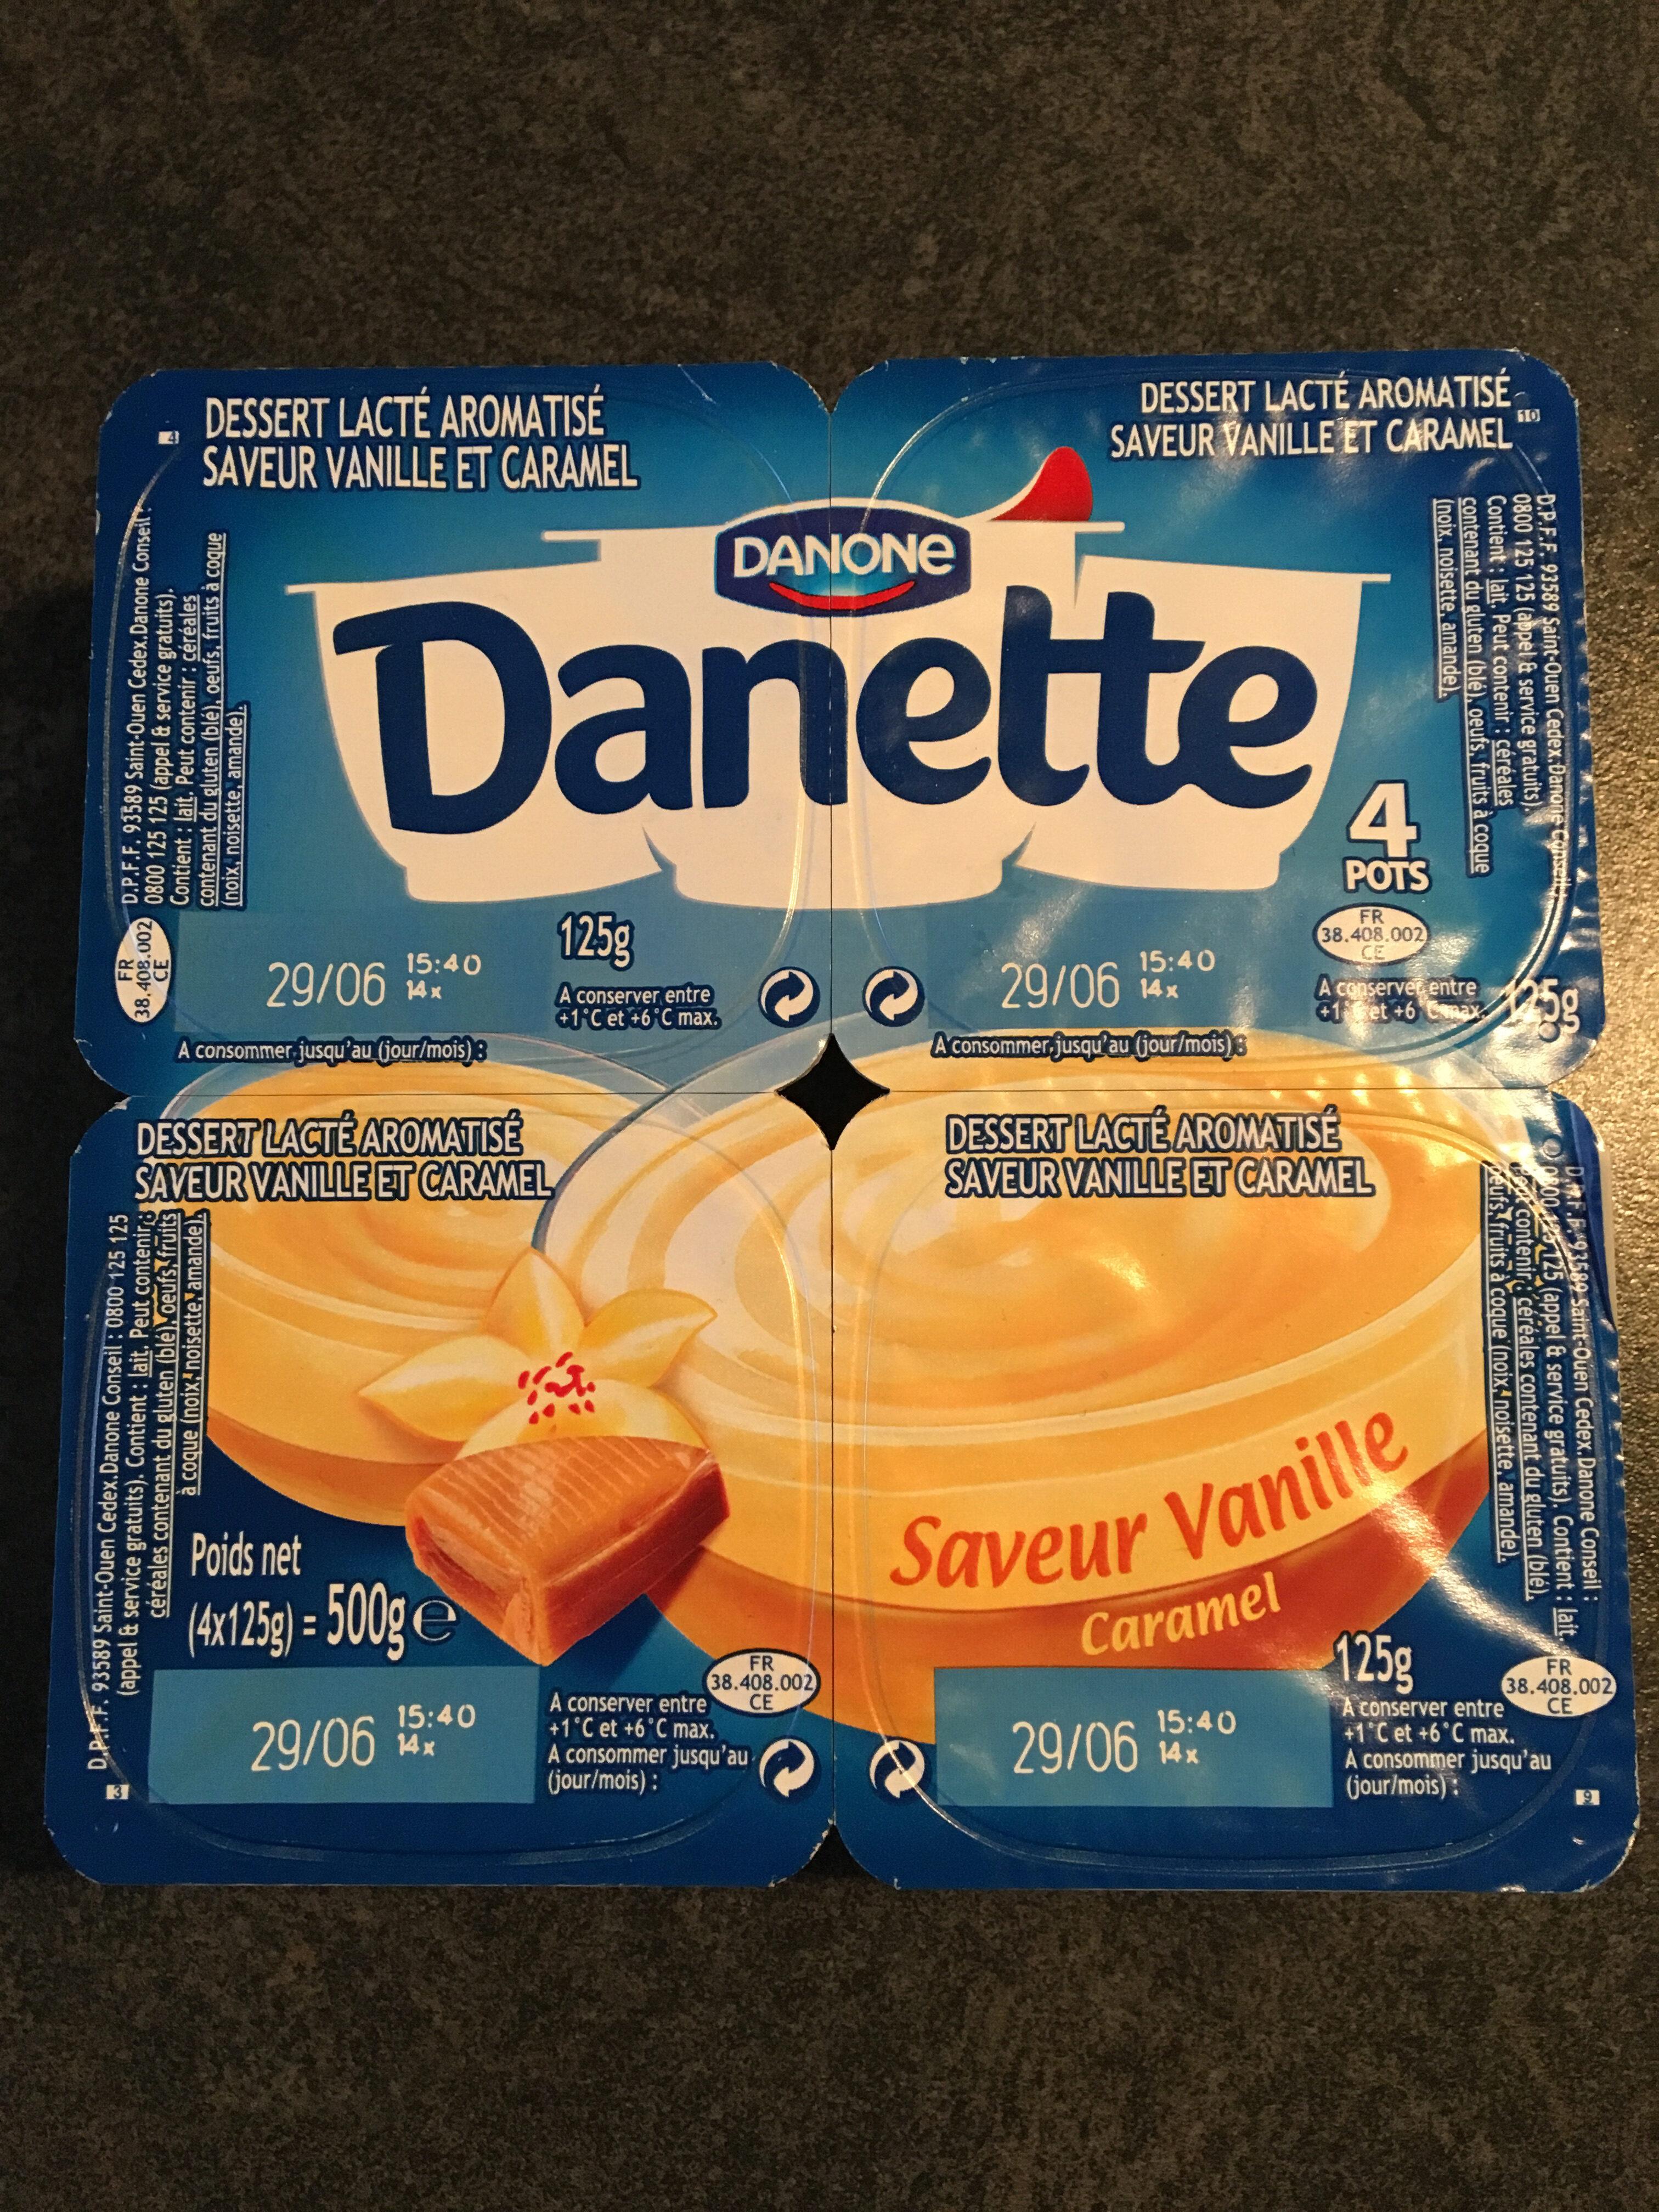 Dessert lacté aromatisé saveur vanille et caramel - Product